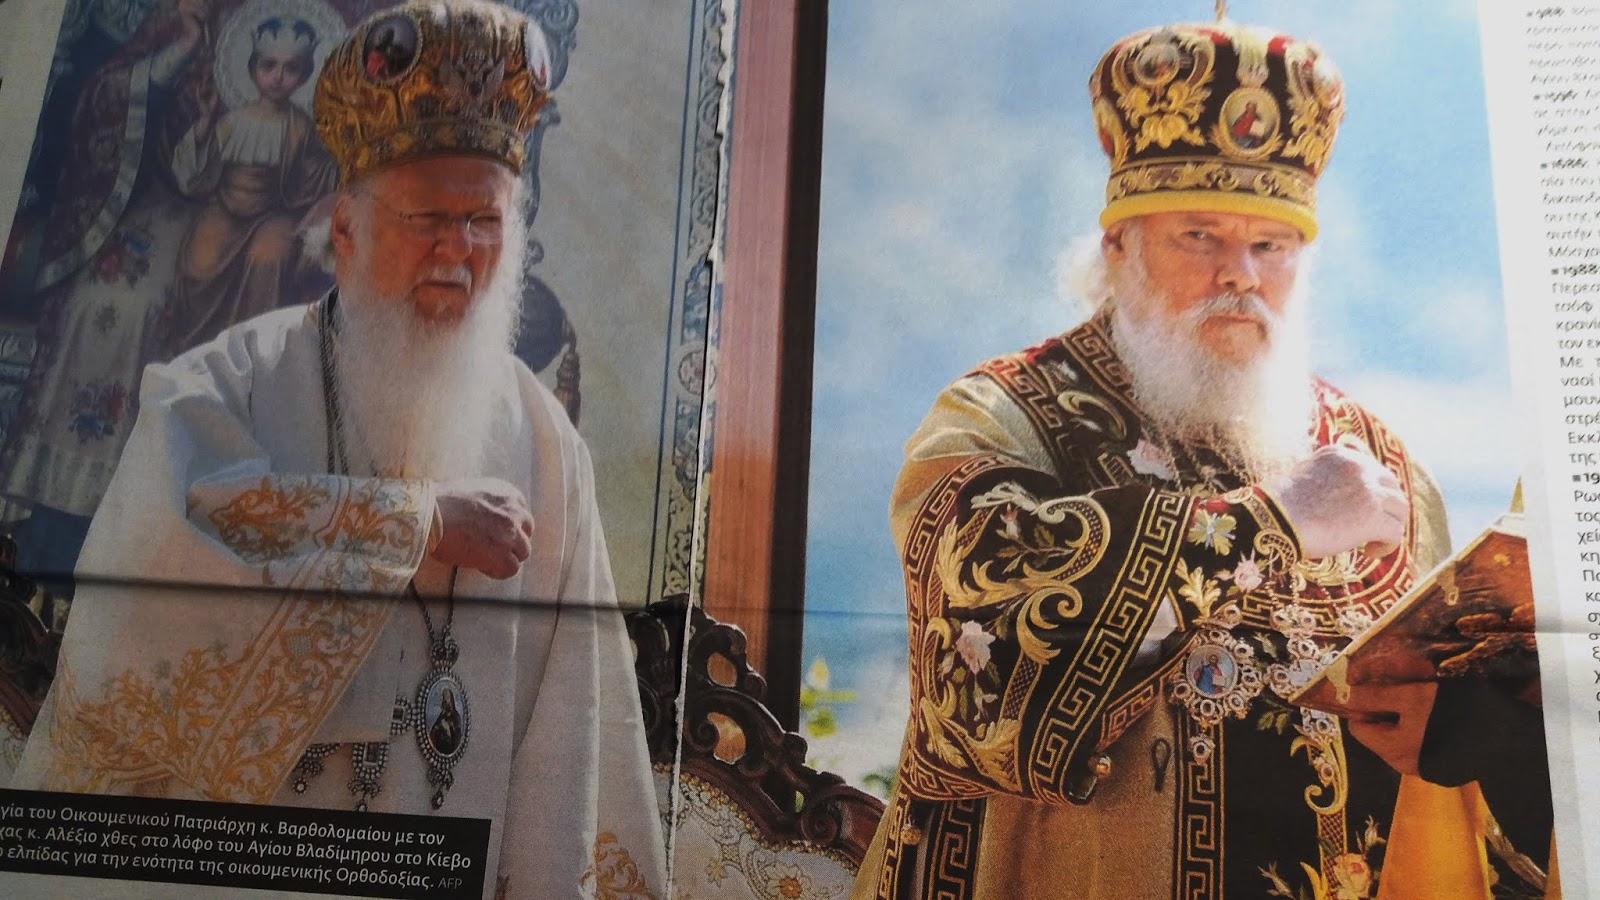 Γιώργος Παπαθανασόπουλος, Το Ουκρανικό πριν από έντεκα χρόνια - Φωτογραφία 1